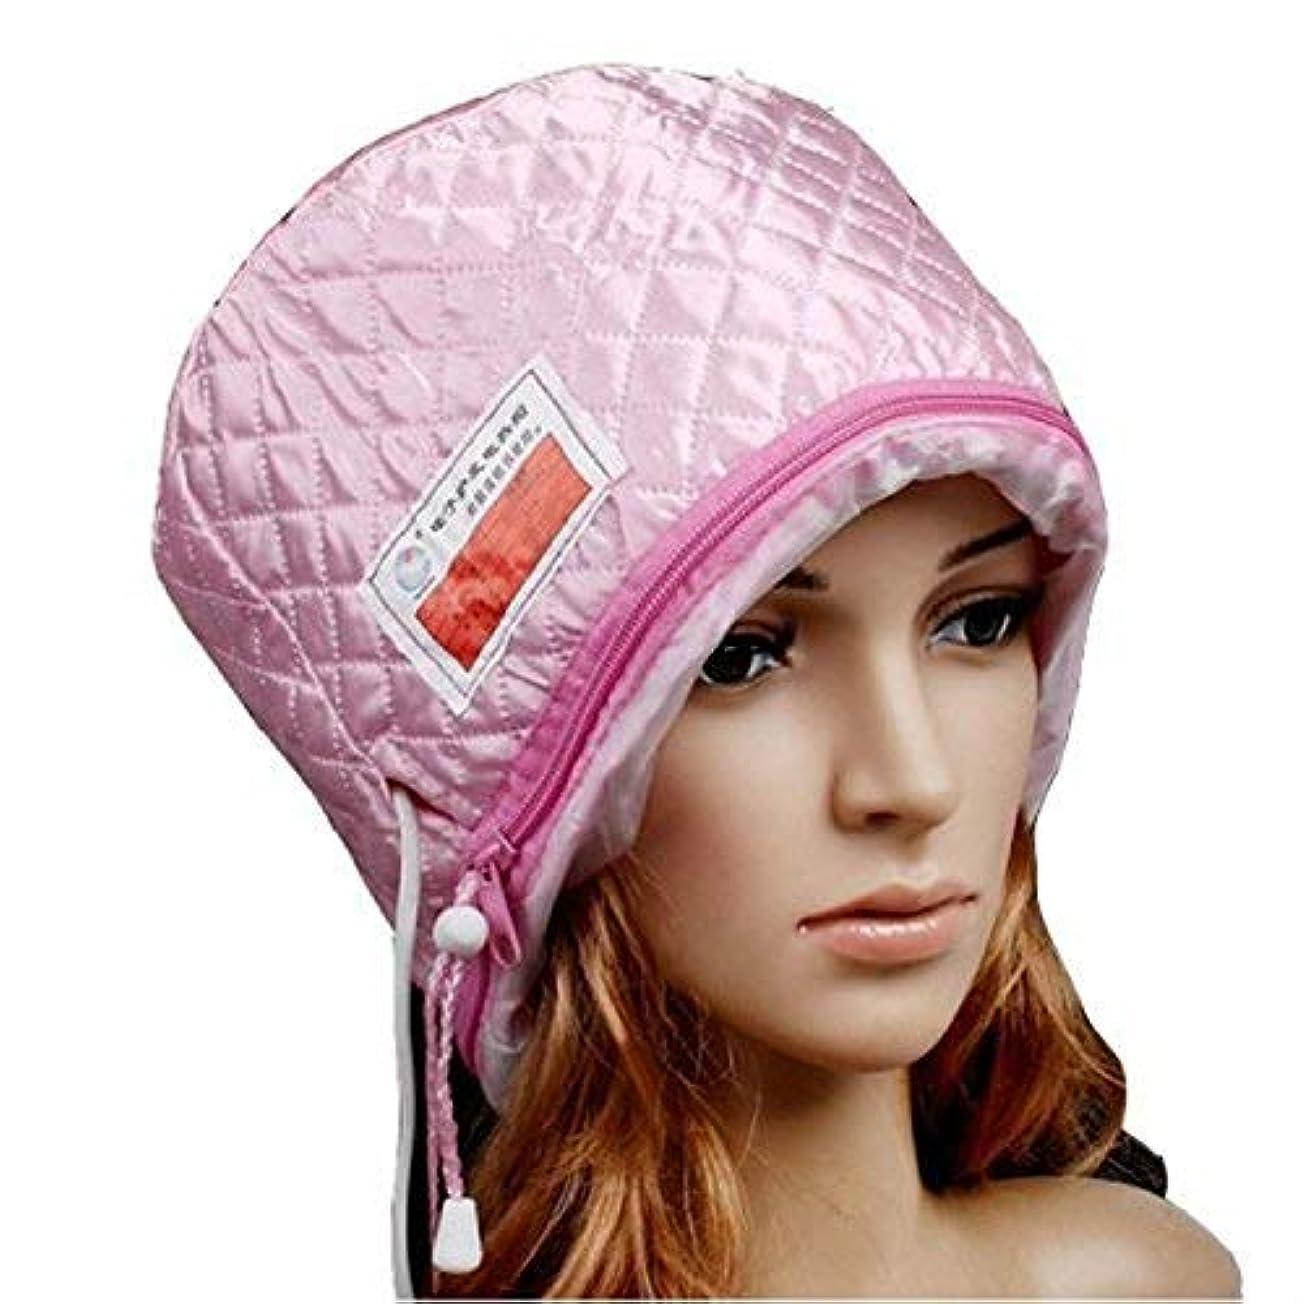 農場コーンマッサージセキュリティファッションヘアケアヘアメンブレンキャップ電気加熱キャップ美容スチーマー栄養帽子